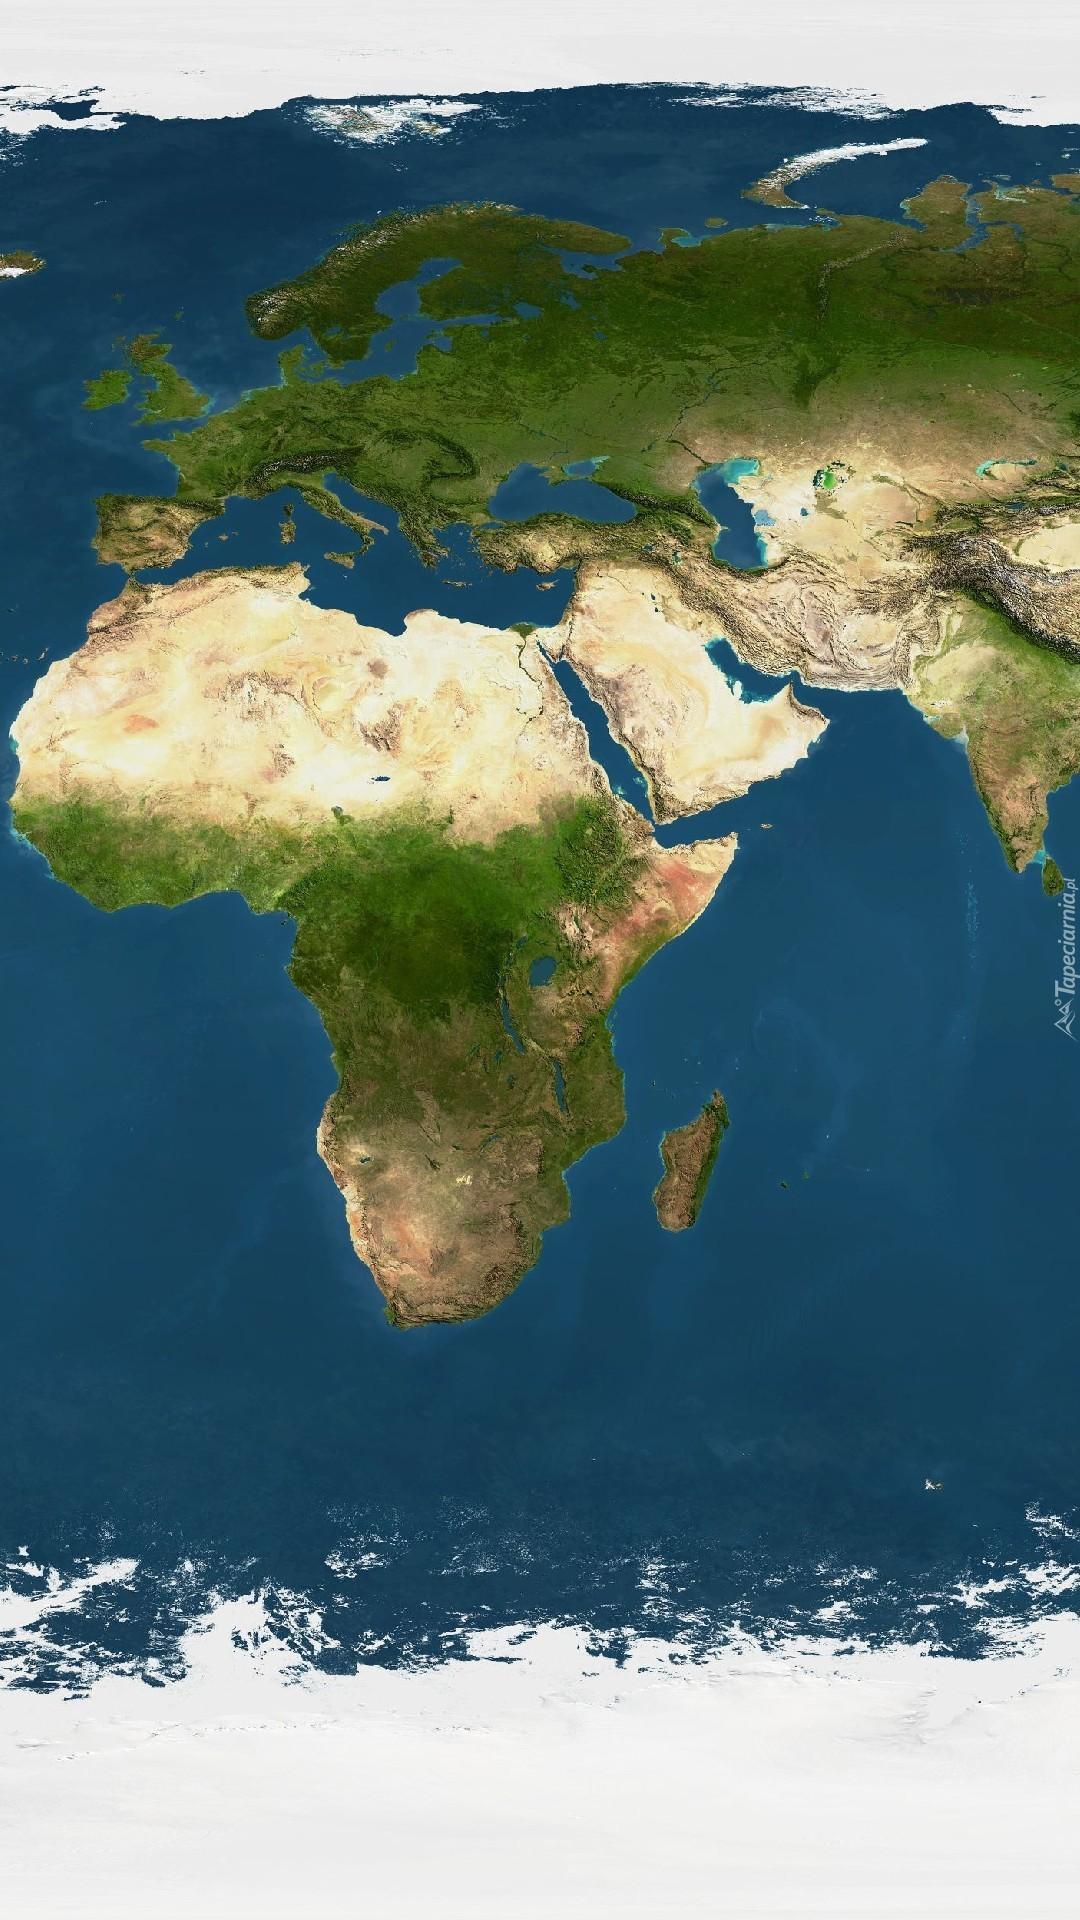 Widok na kontynent afrykański i europejski